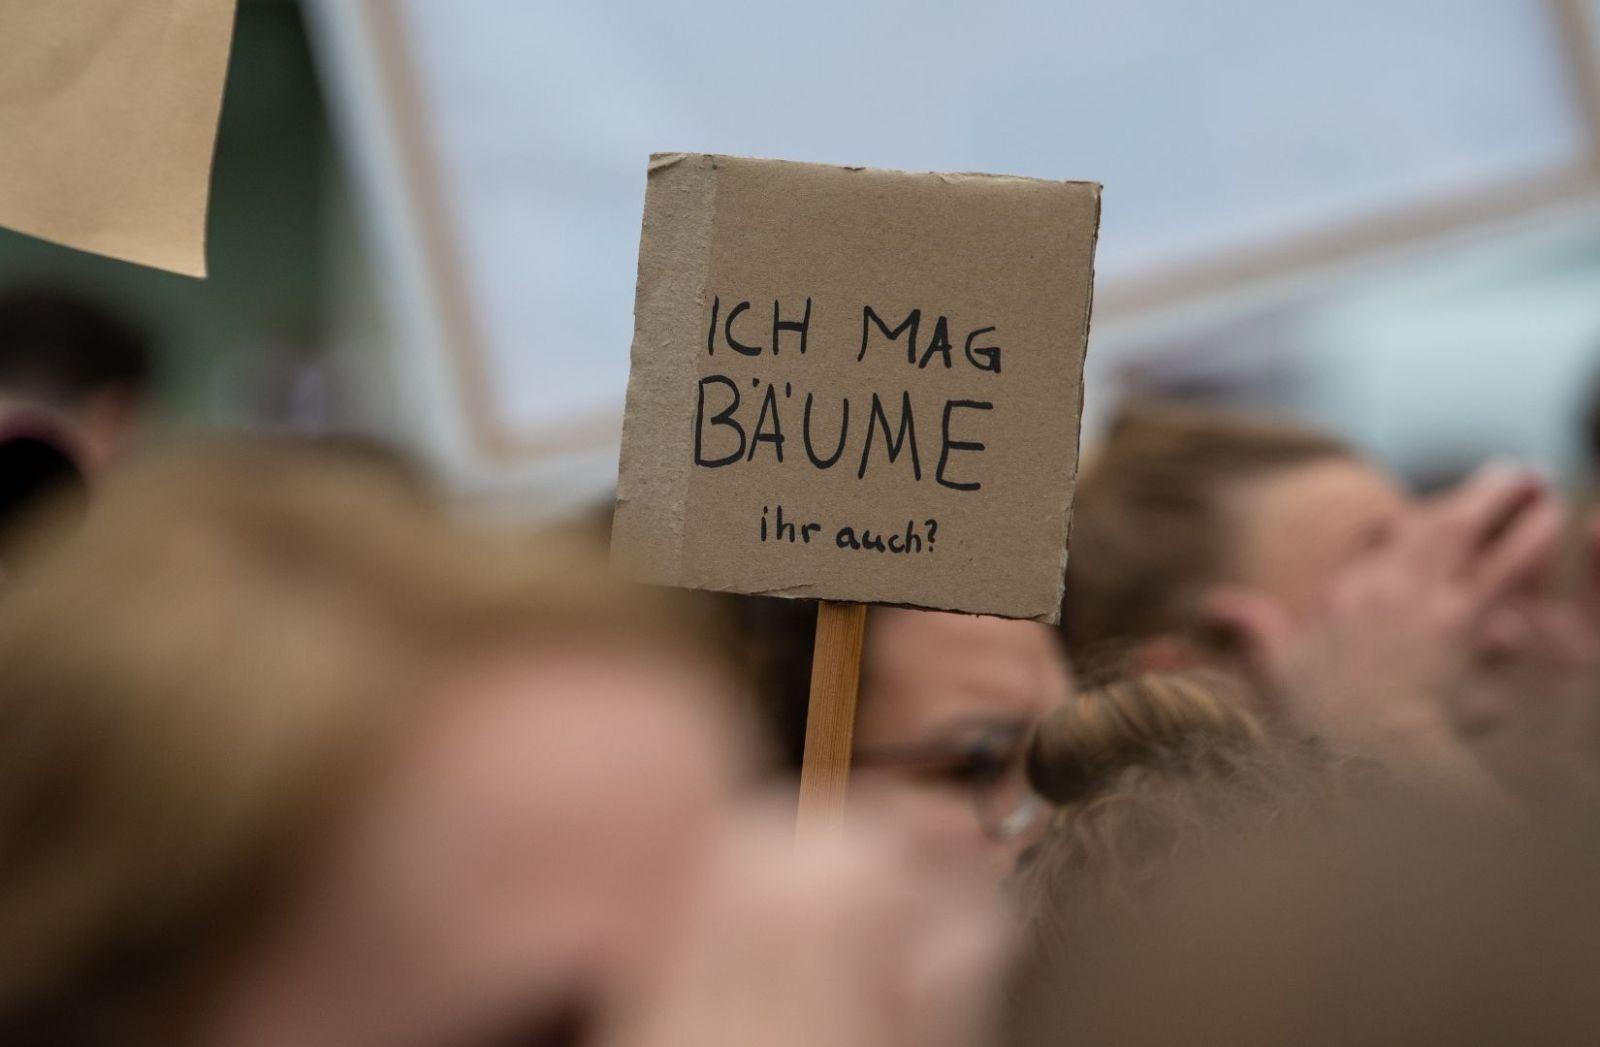 Die Klimabewegung auf der Straße. ClimateStrike Sept 20th 2019 in Hamburg. (Foto: Tobias, Unsplash.com)